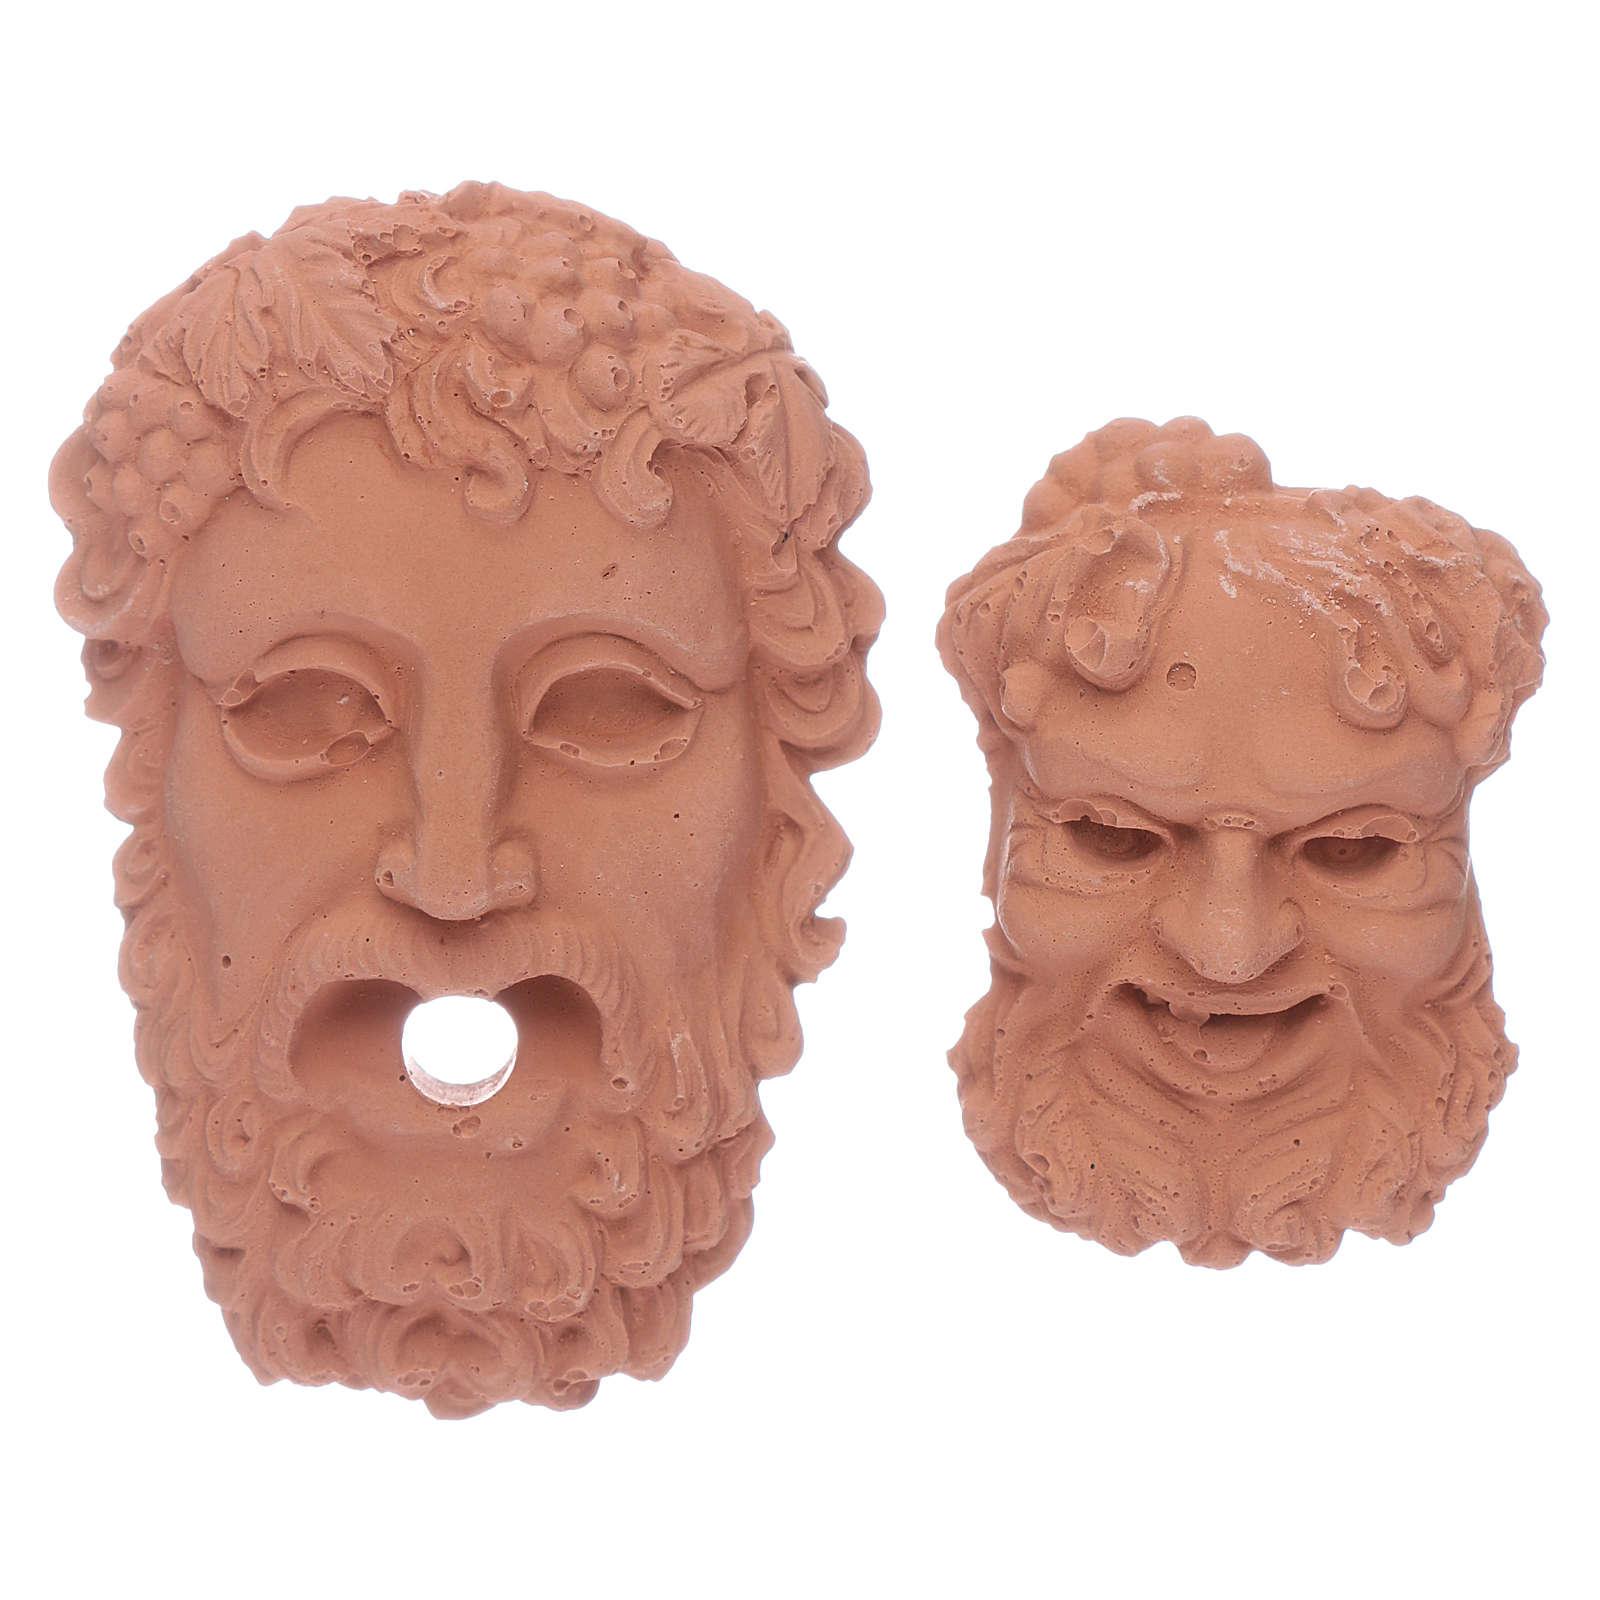 Cabeças Deuses gregos Zeus e Baco 4